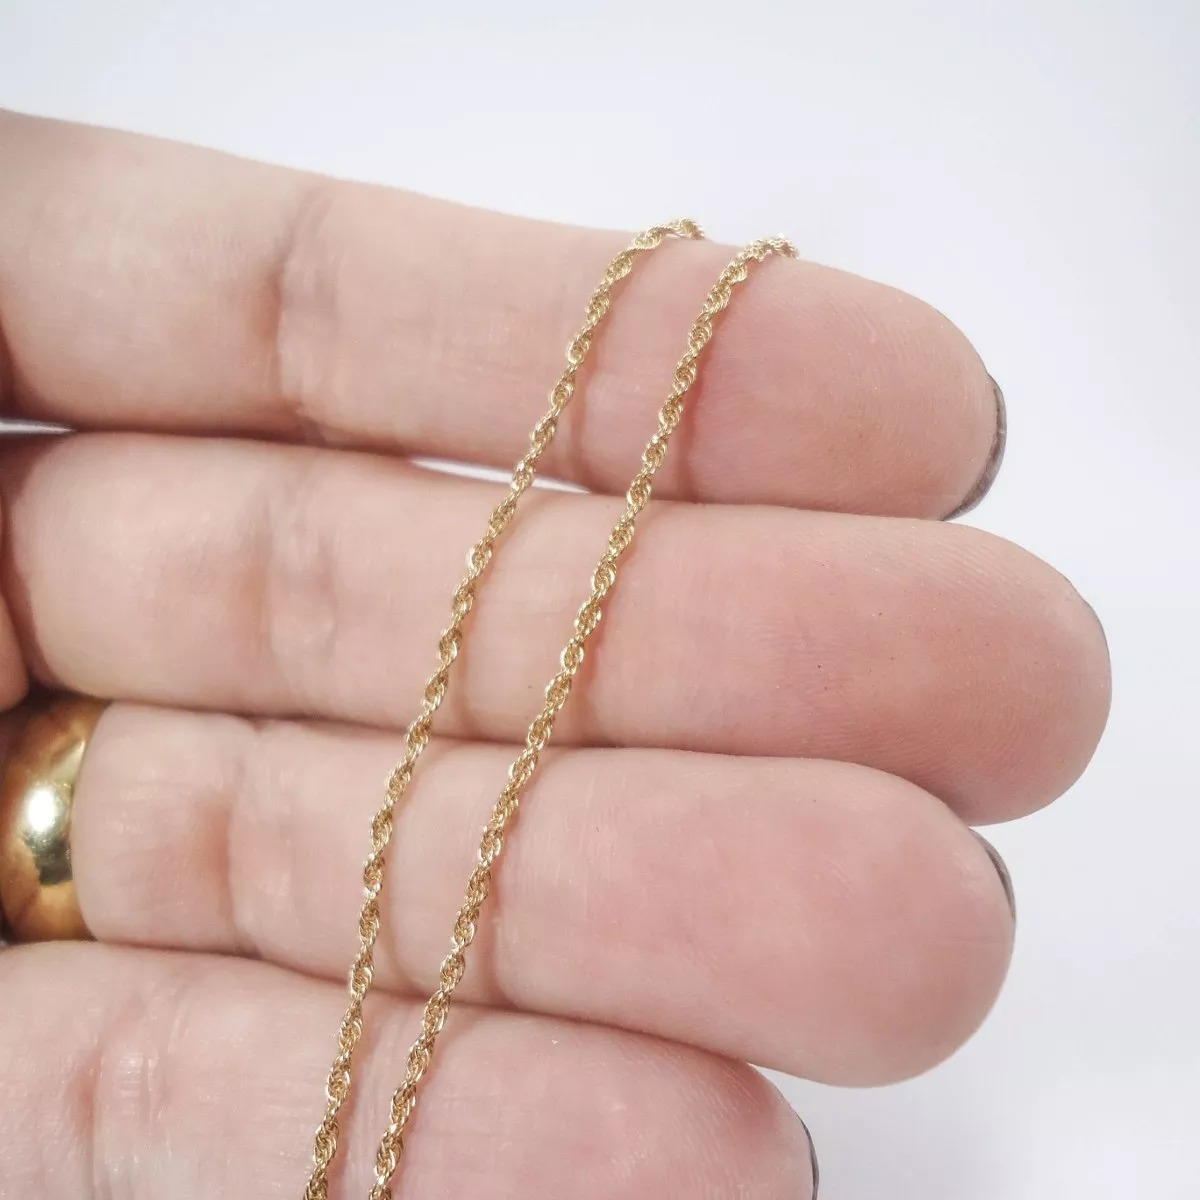 5fff5c740d17c cordão corrente coda 40cm torcido baiano ouro 18k 12xs juros. Carregando  zoom.